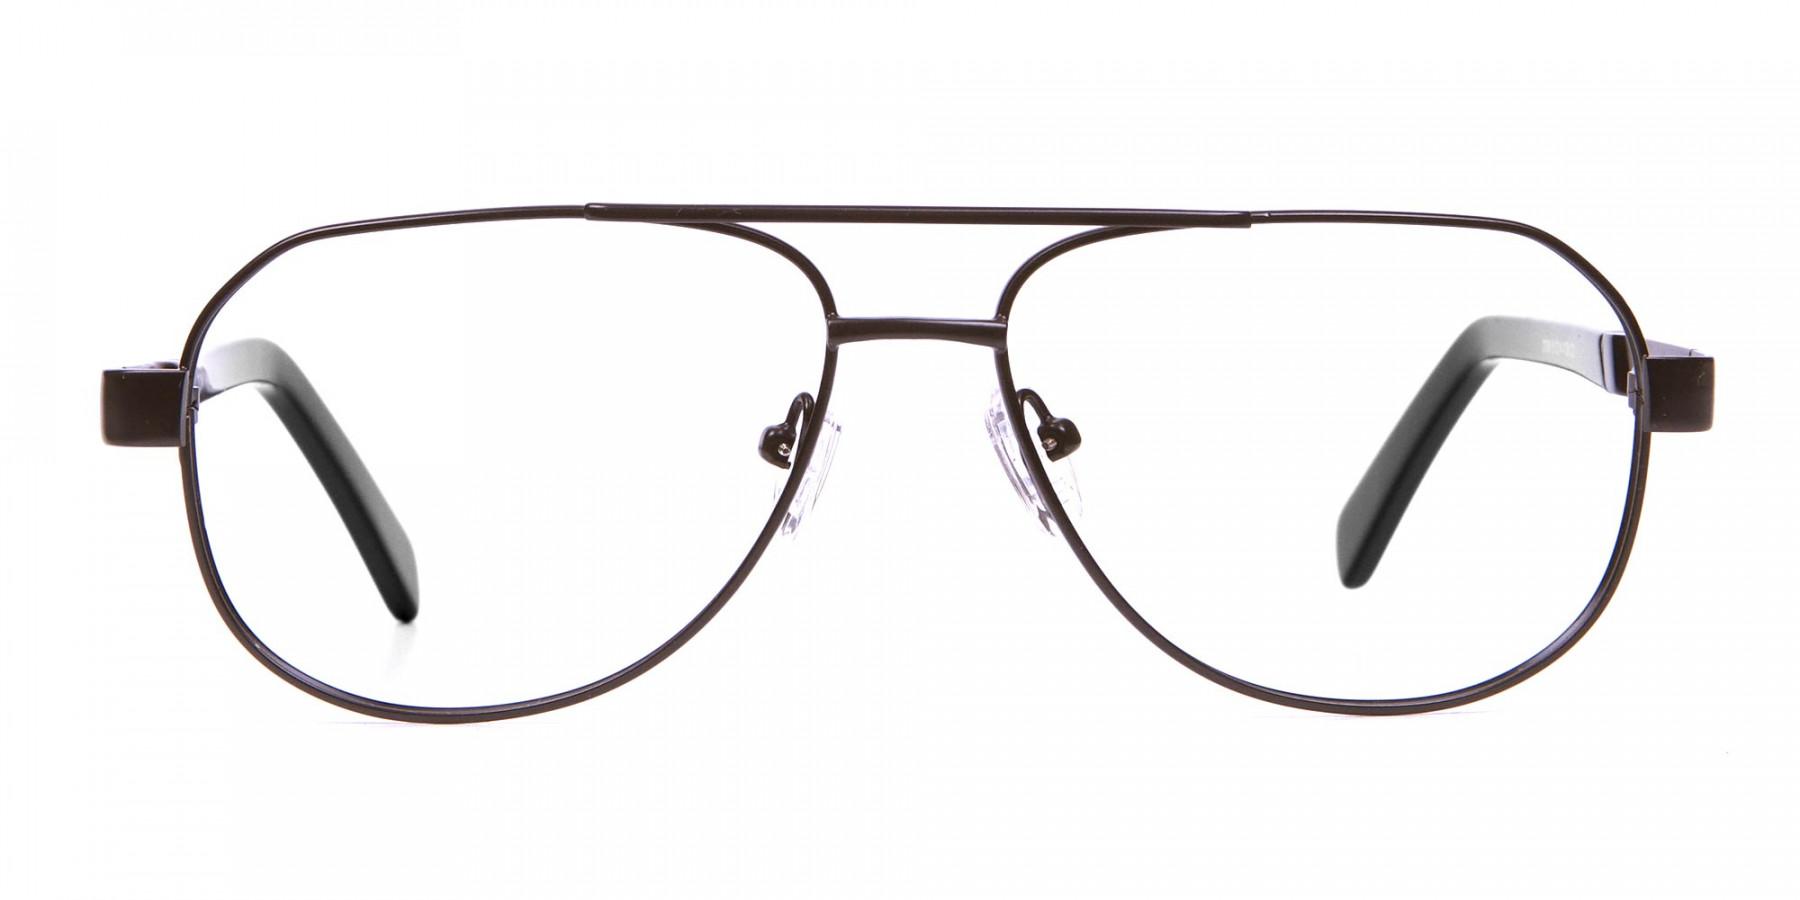 Black Aviator Glasses, Eyeglasses